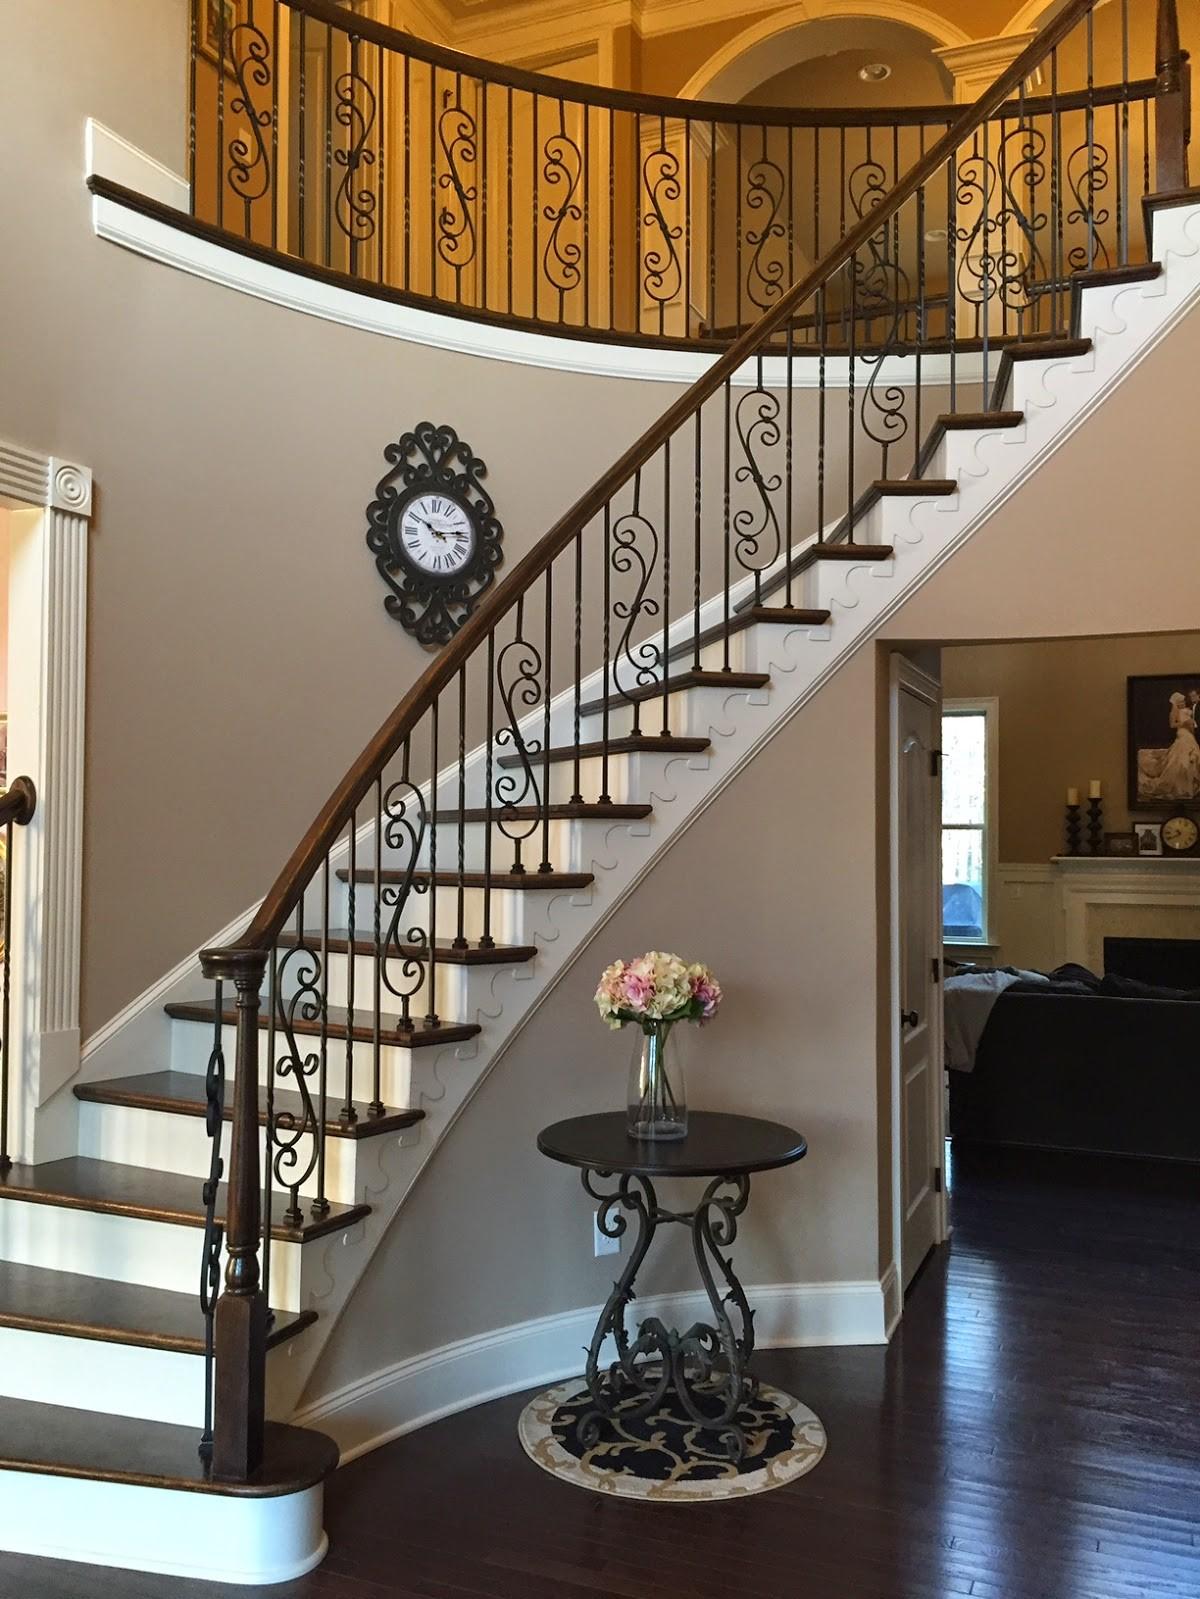 Comment moderniser un escalier en bois?